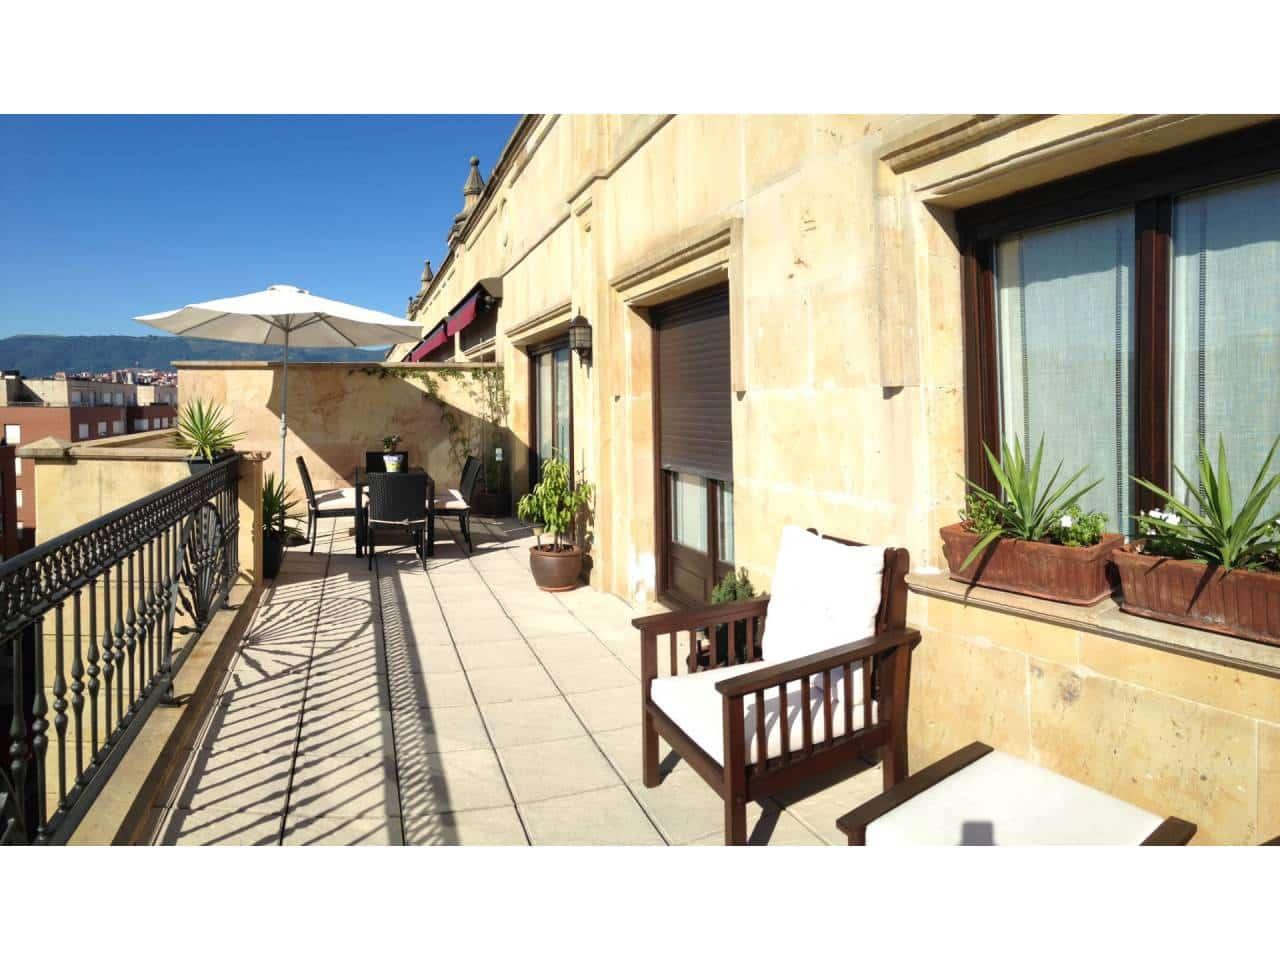 4 makuuhuone Asunto myytävänä paikassa Leioa mukana  autotalli - 674 000 € (Ref: 4784952)